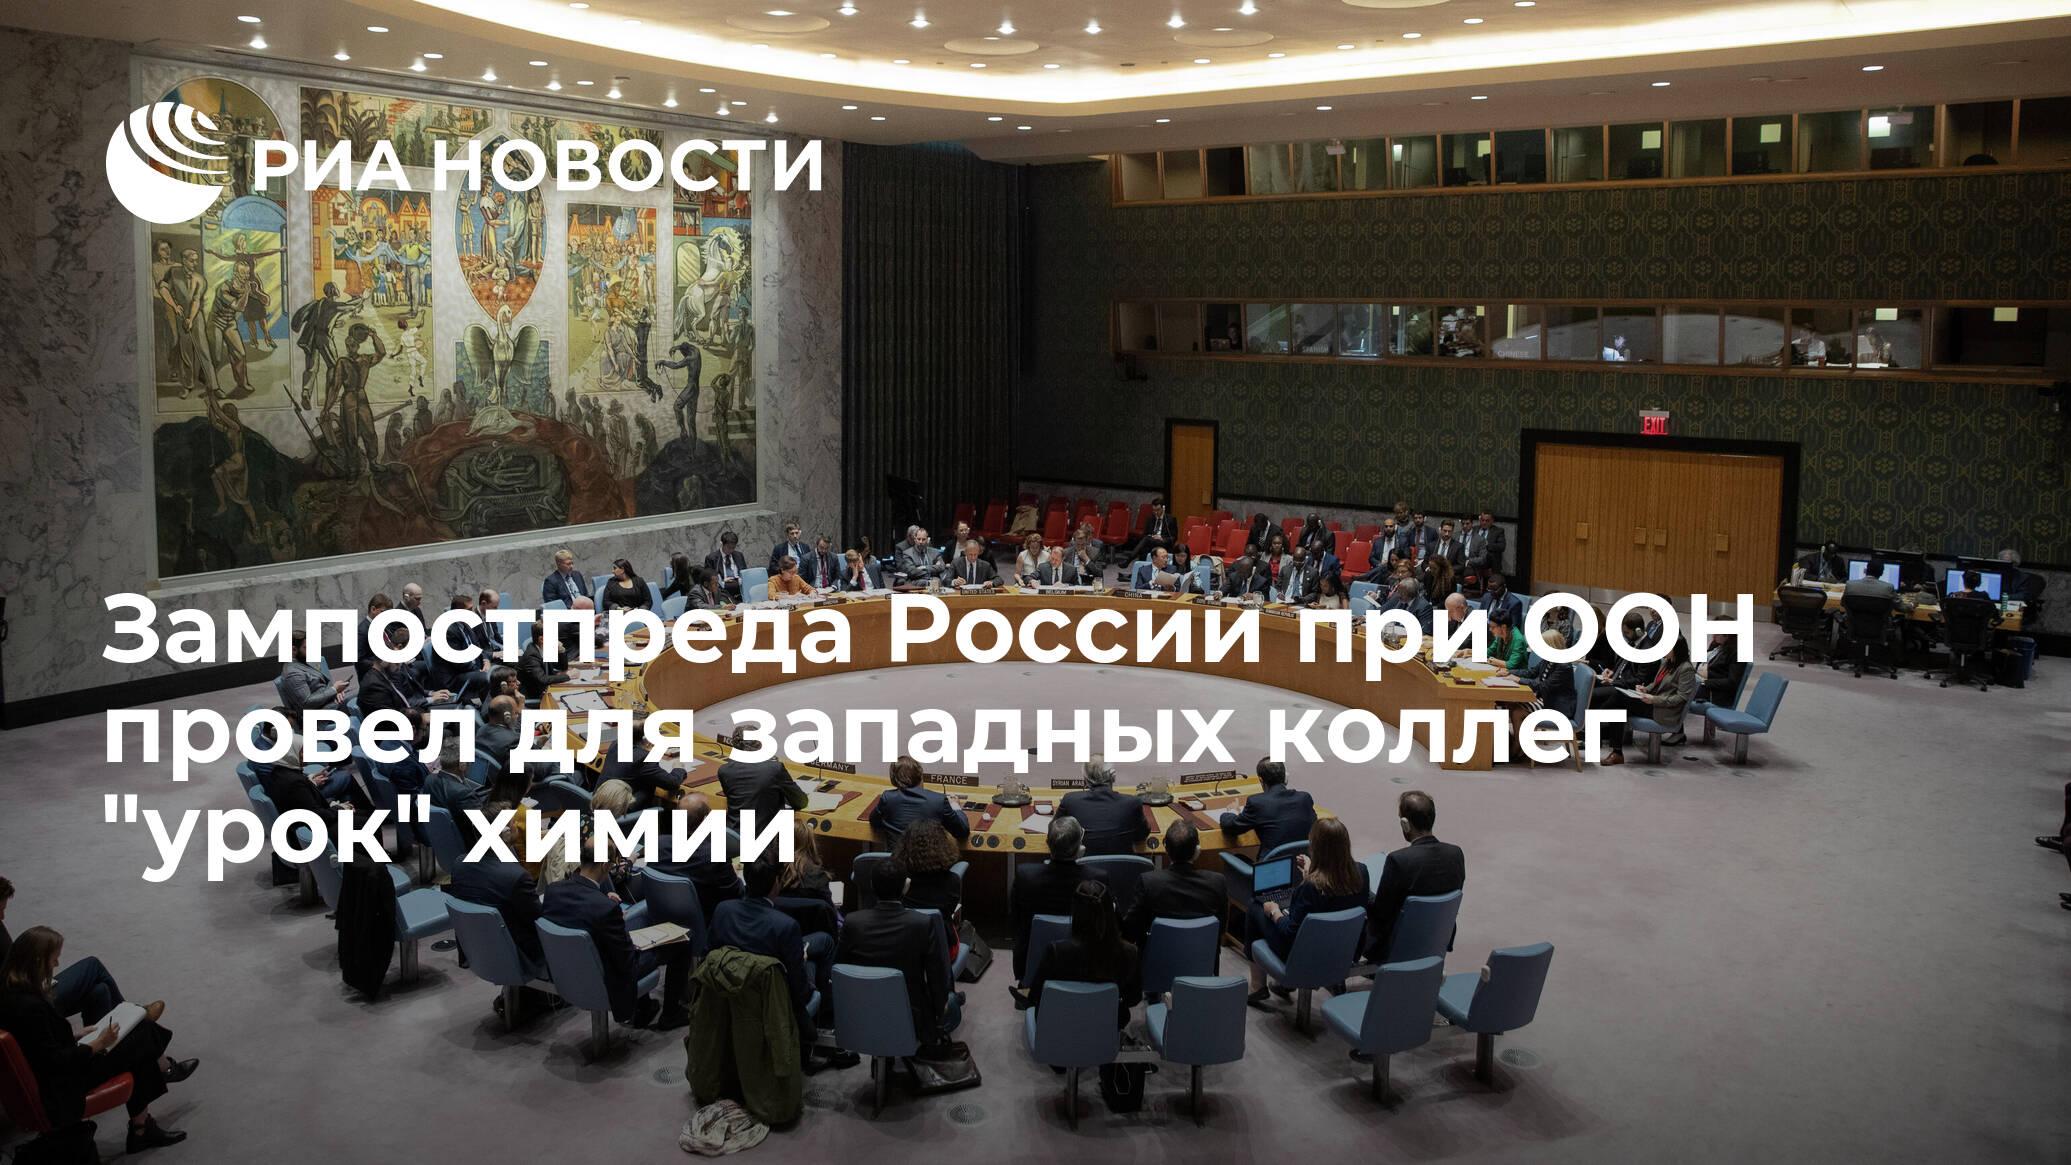 """Зампостпреда России при ООН провел для западных коллег """"урок"""" по химии"""